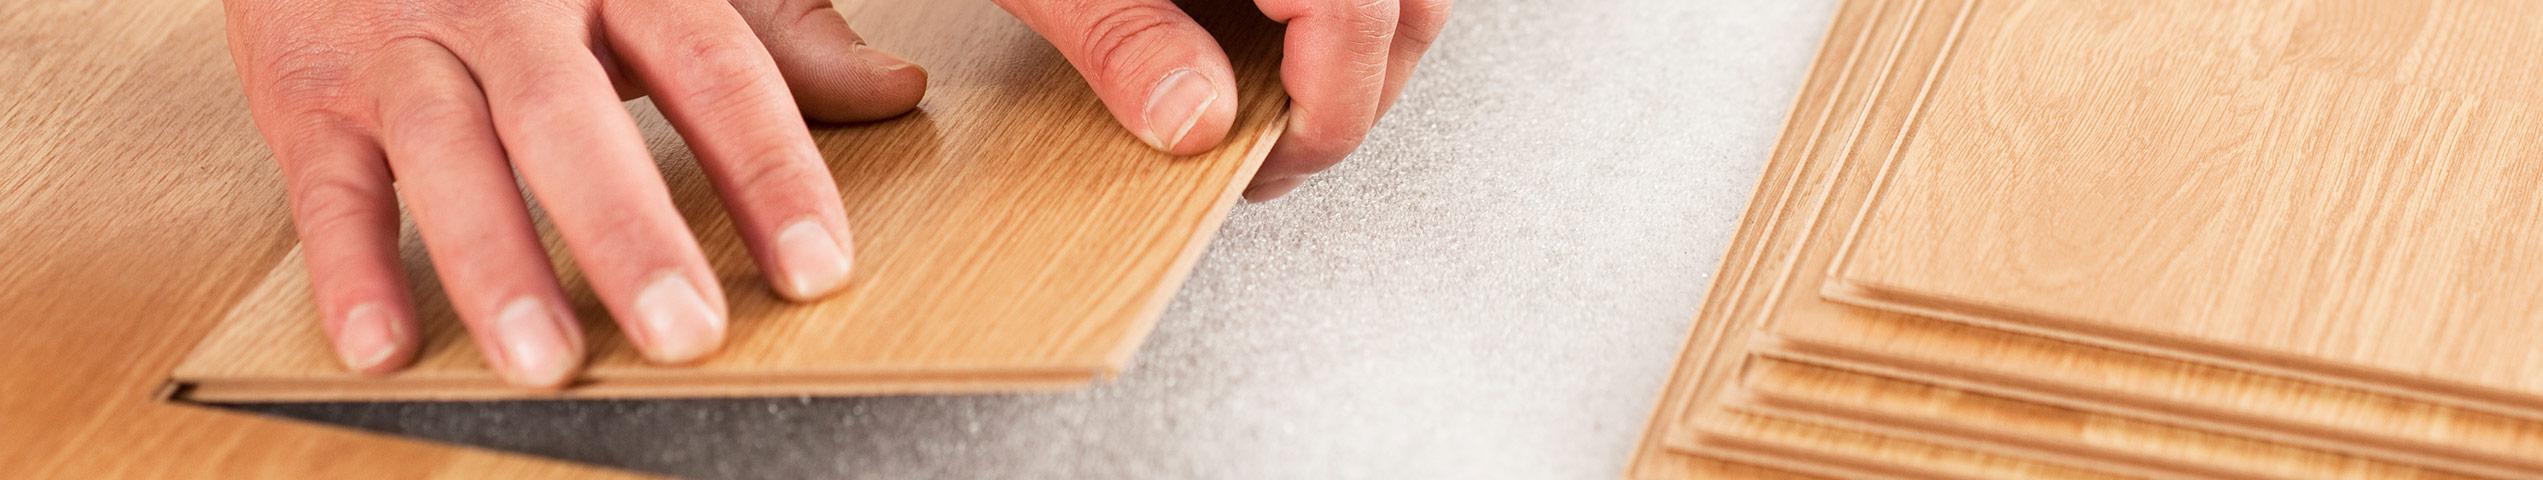 boden verlegen laminat auf teppich verlegen jalousien in. Black Bedroom Furniture Sets. Home Design Ideas